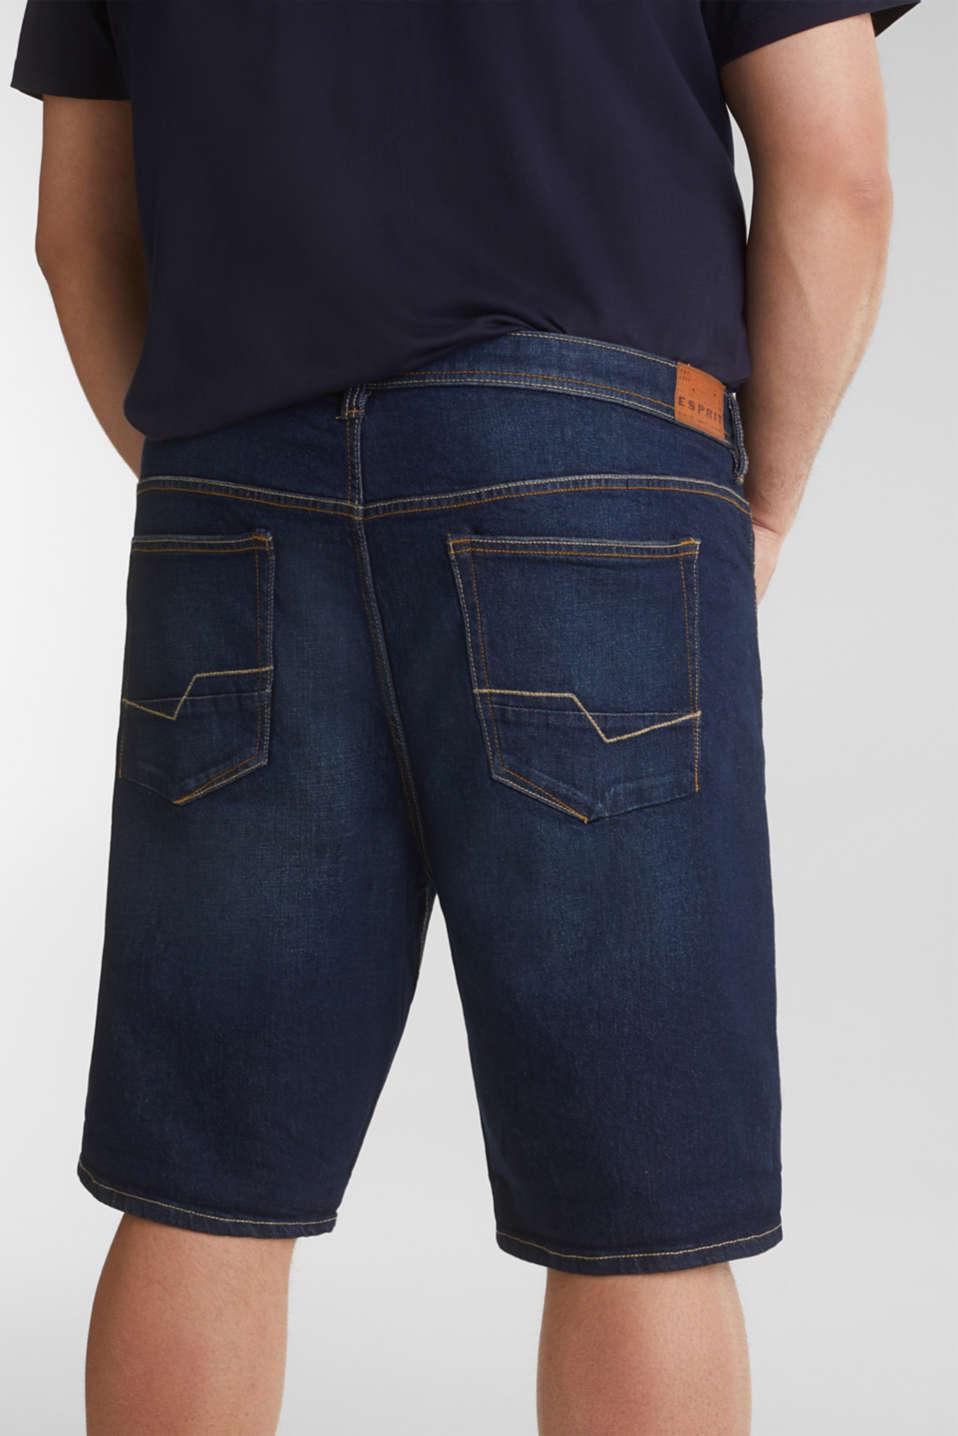 Denim Bermudas in a garment-washed look, BLUE DARK WASH, detail image number 5